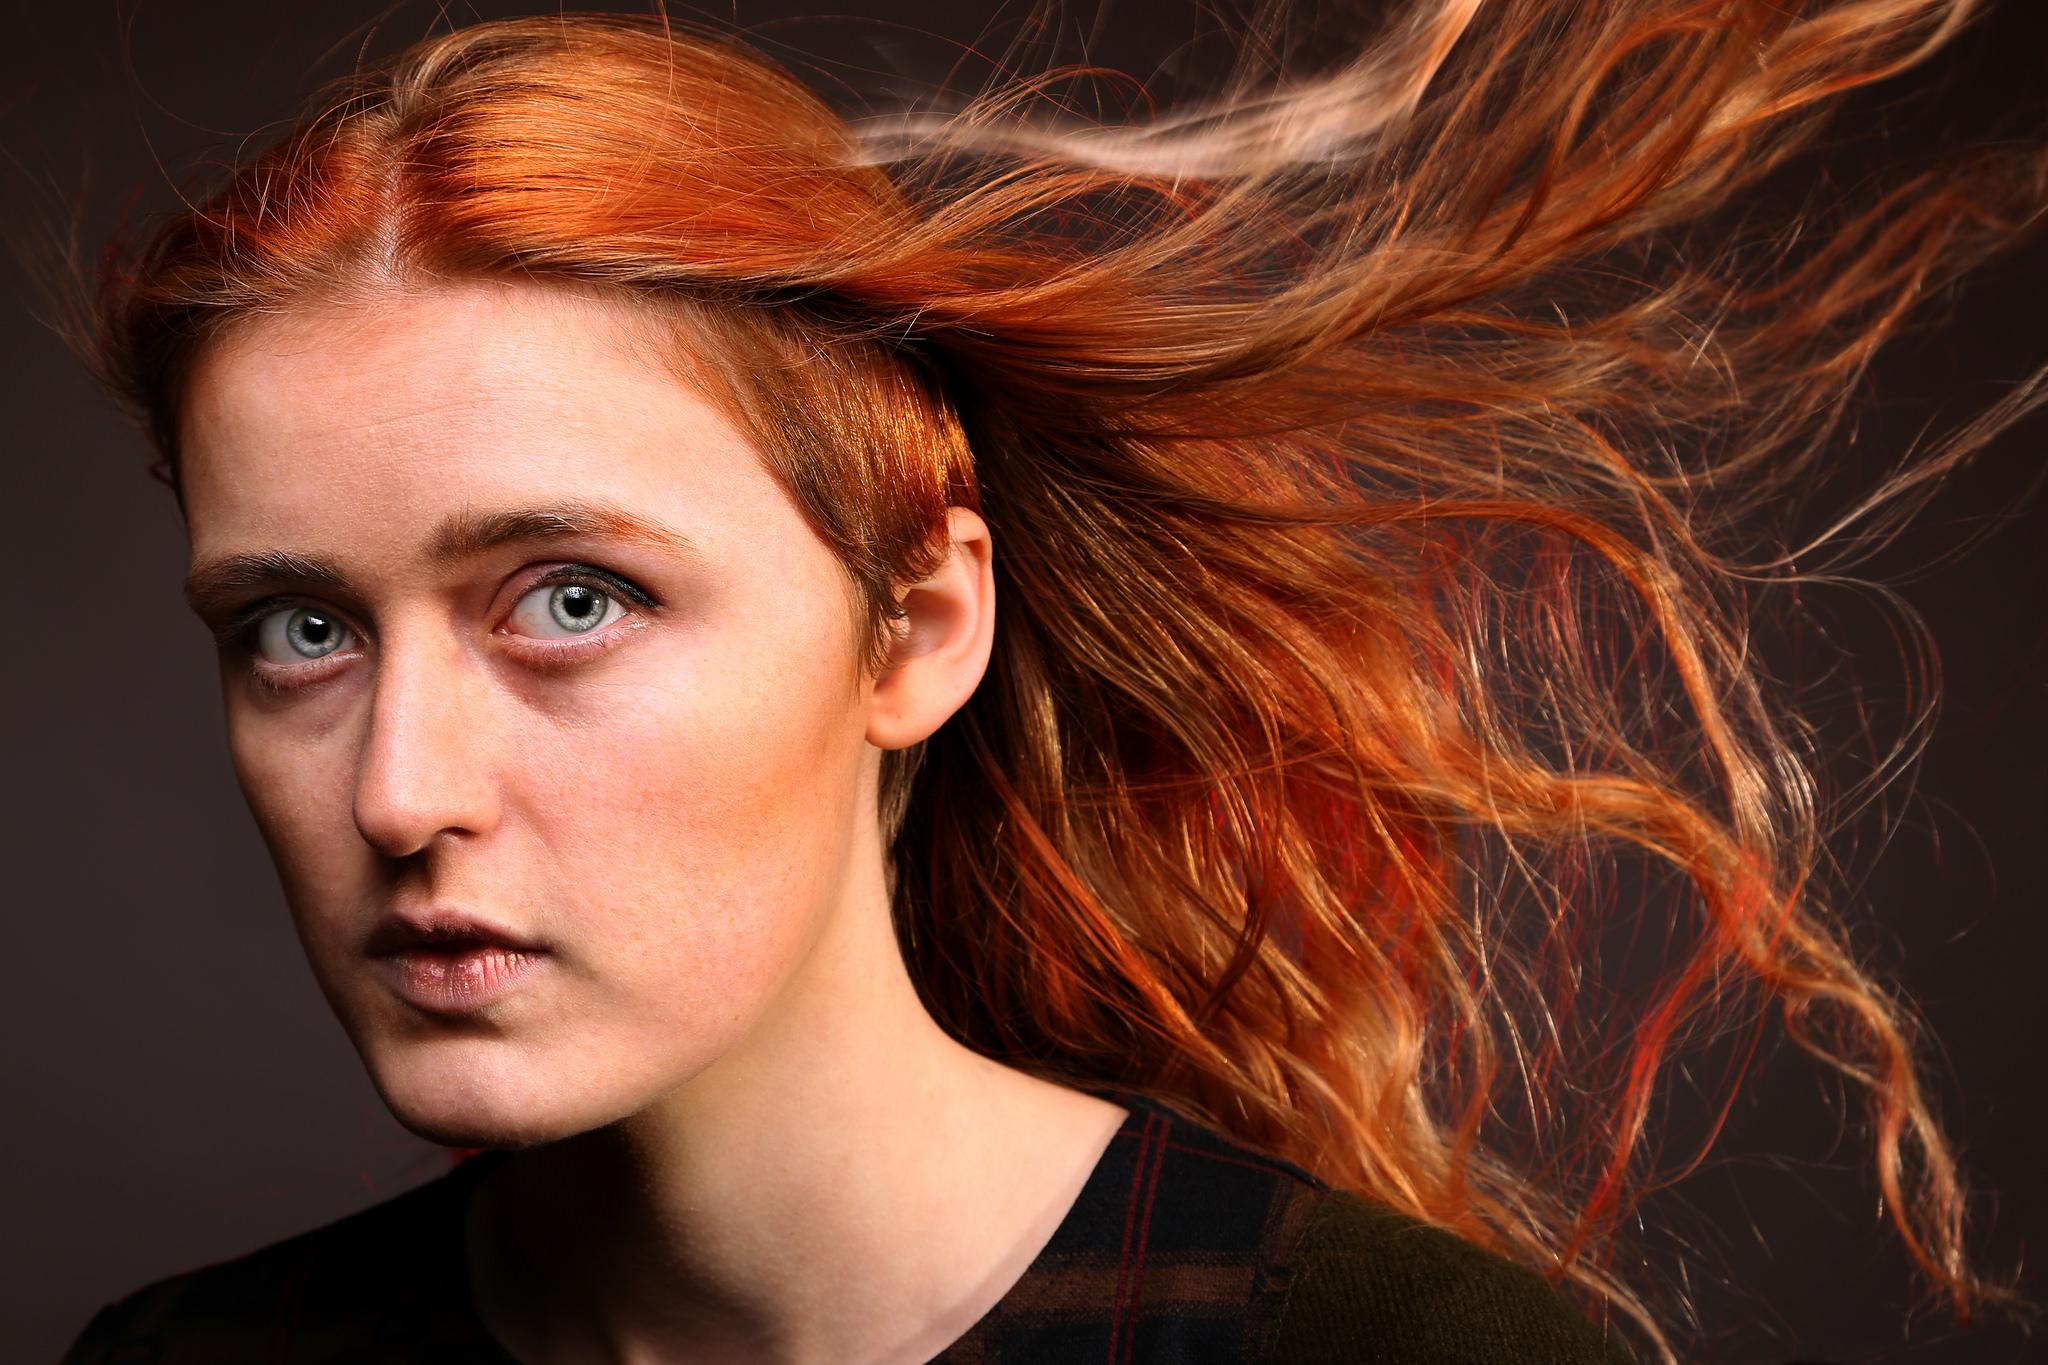 волосся та енергетика